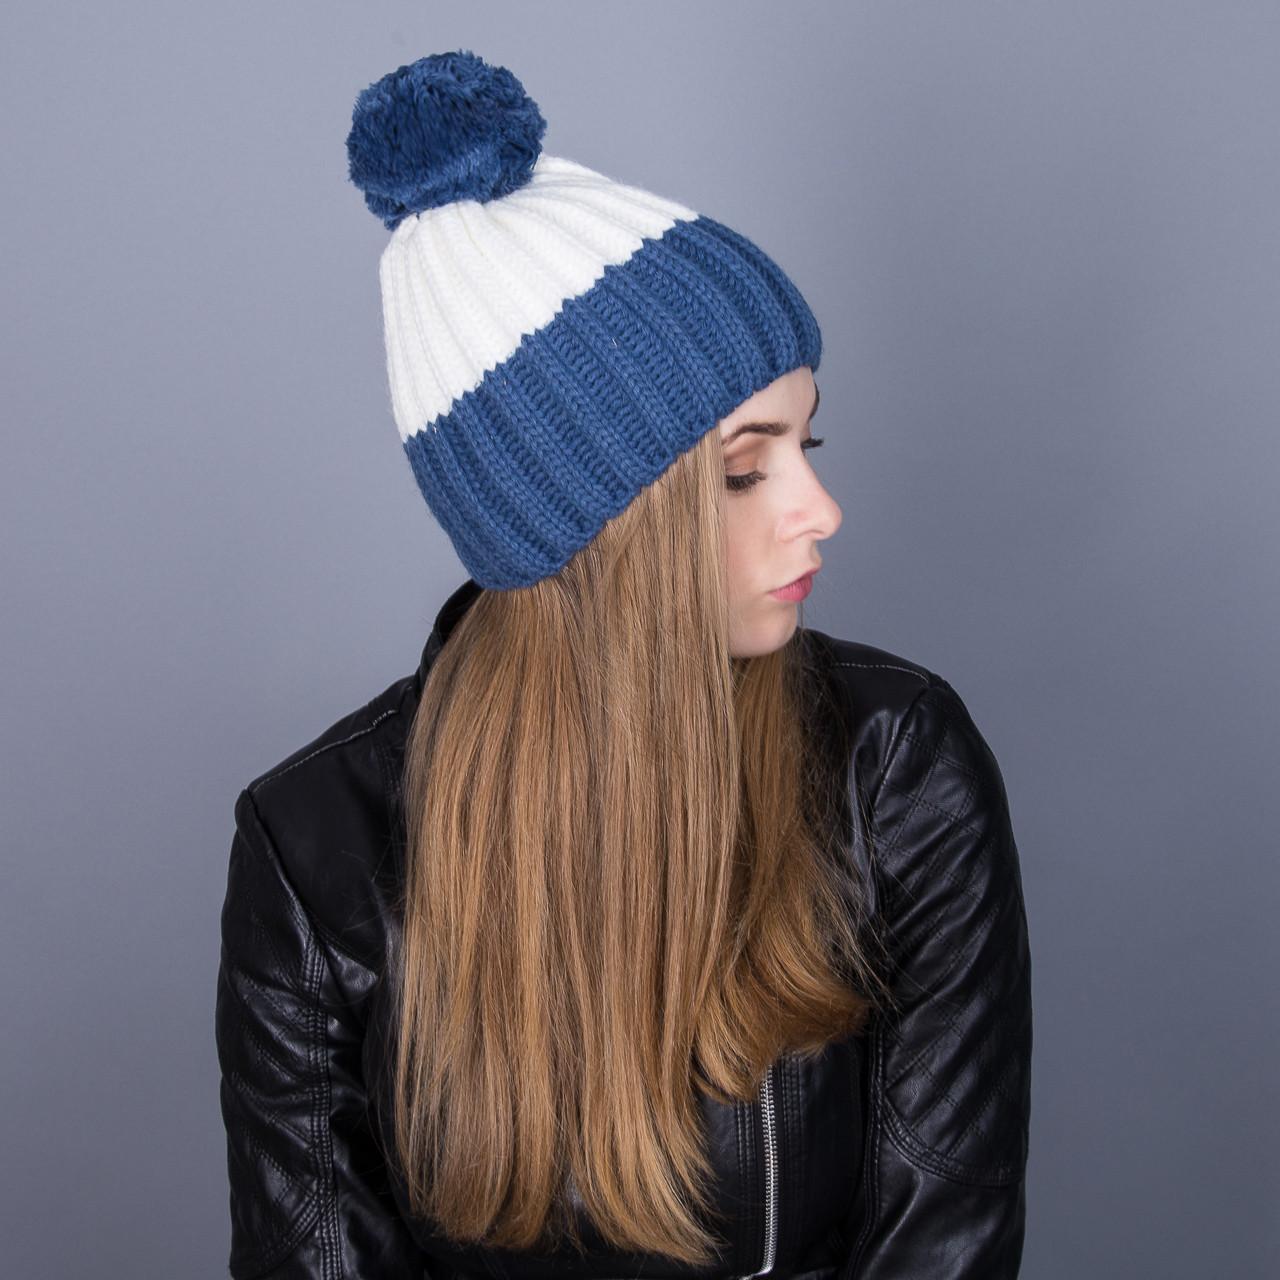 Модная зимняя женская шапка с помпоном крупной вязки из ангорки - Артикул 6997